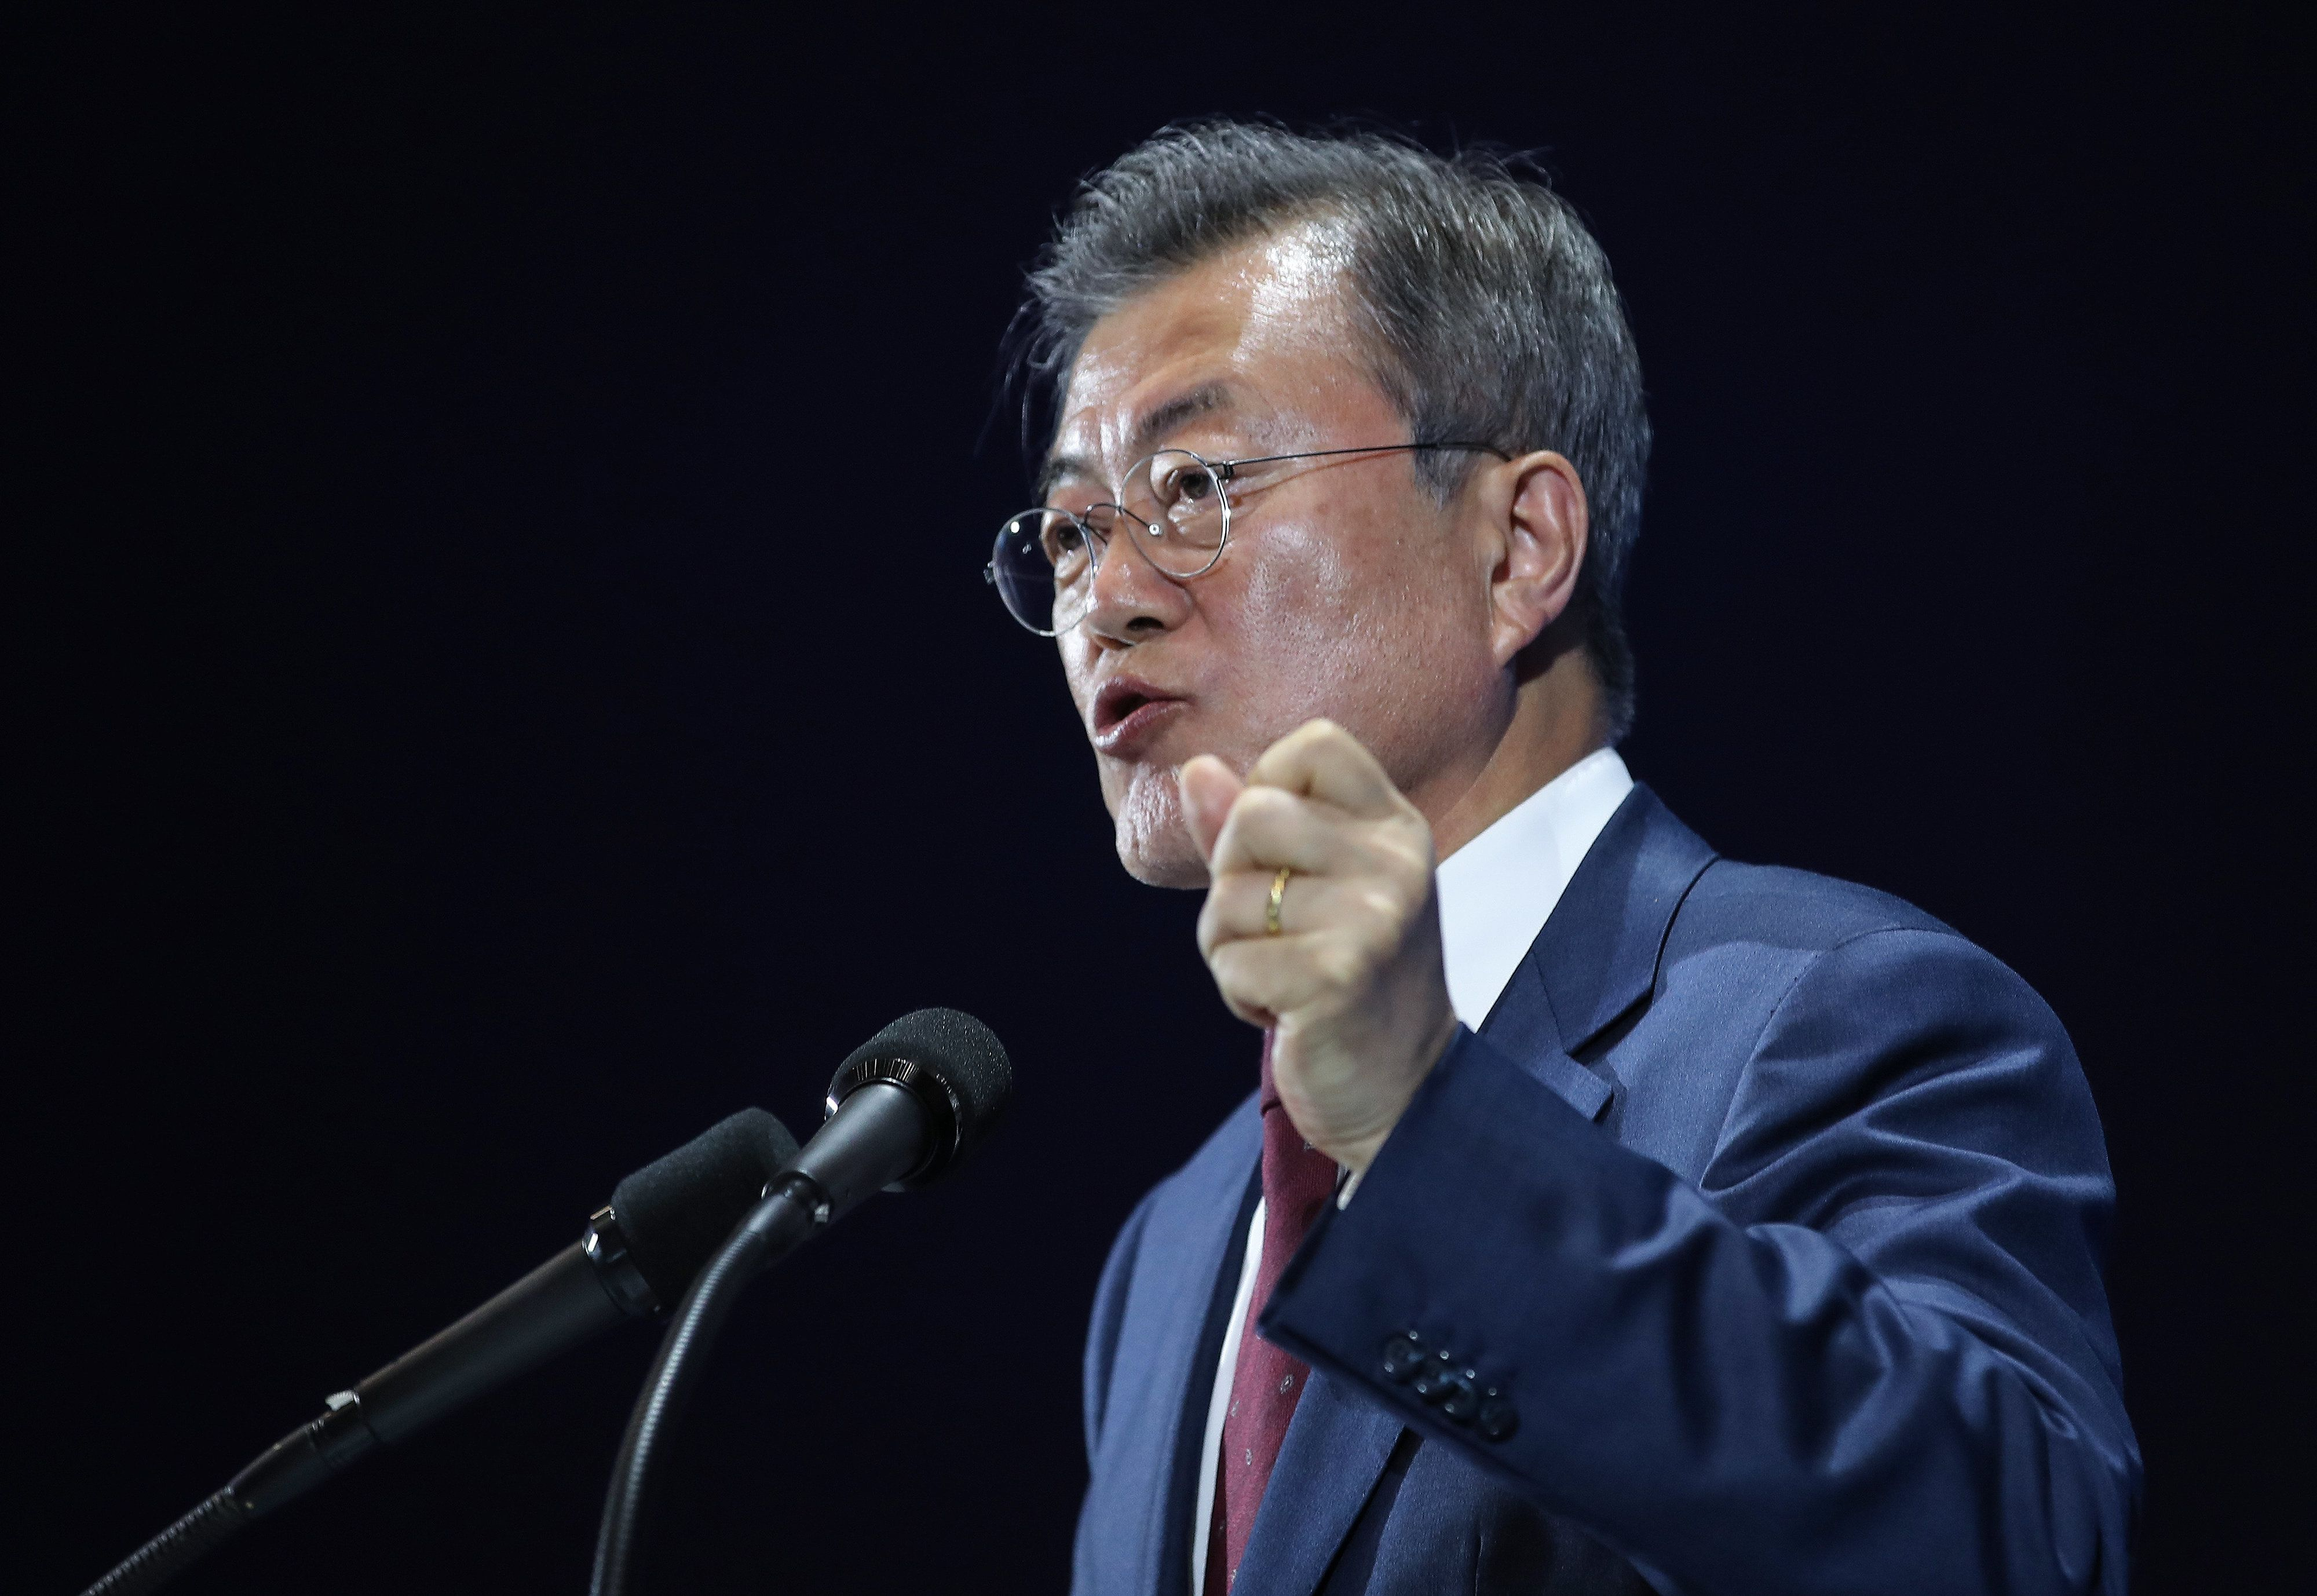 문대통령, 오늘(23일) 김정은 메시지 들고 트럼프 만나러